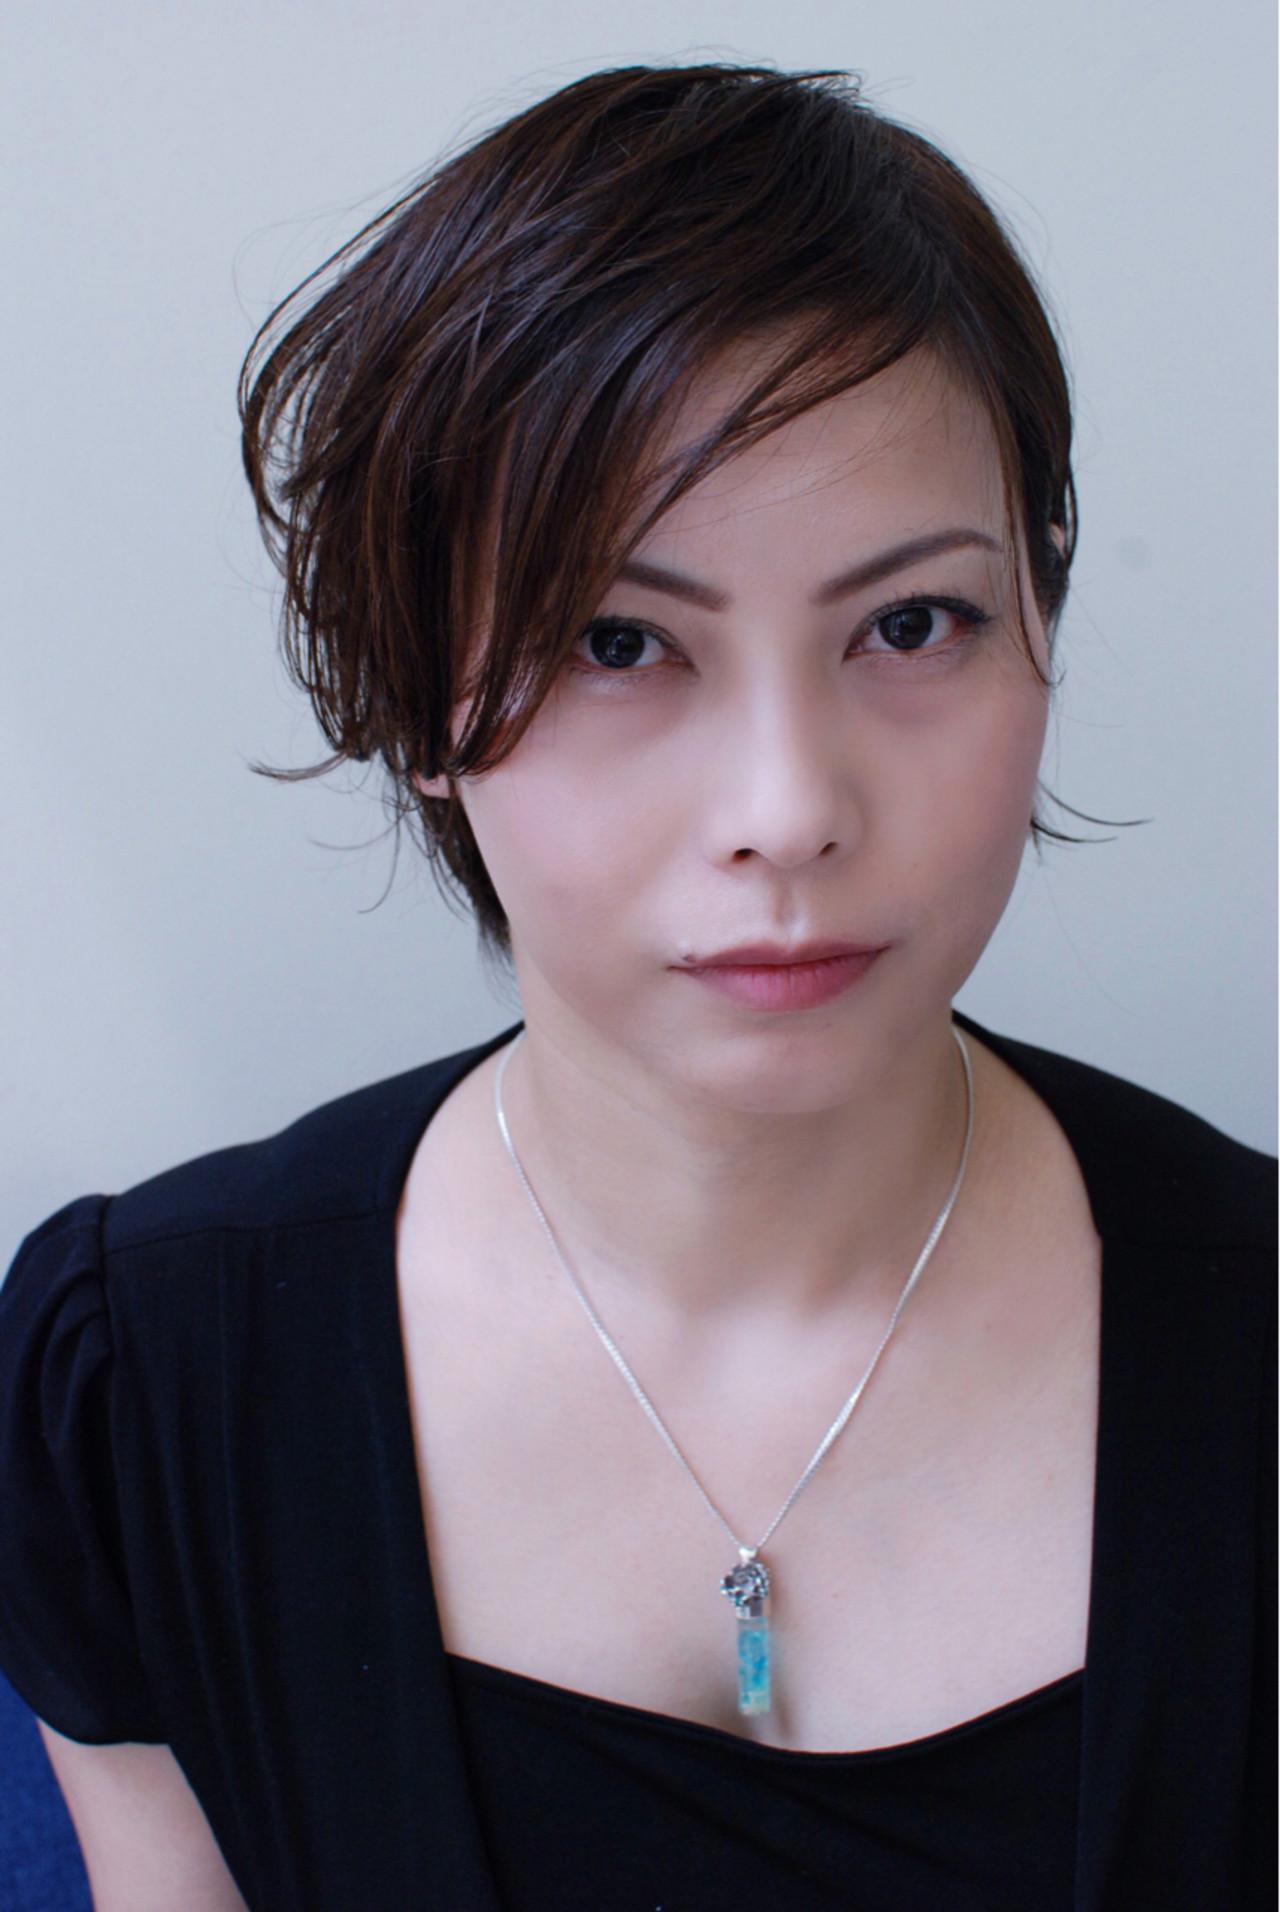 ウェットヘア ナチュラル 流し前髪 斜め前髪 ヘアスタイルや髪型の写真・画像